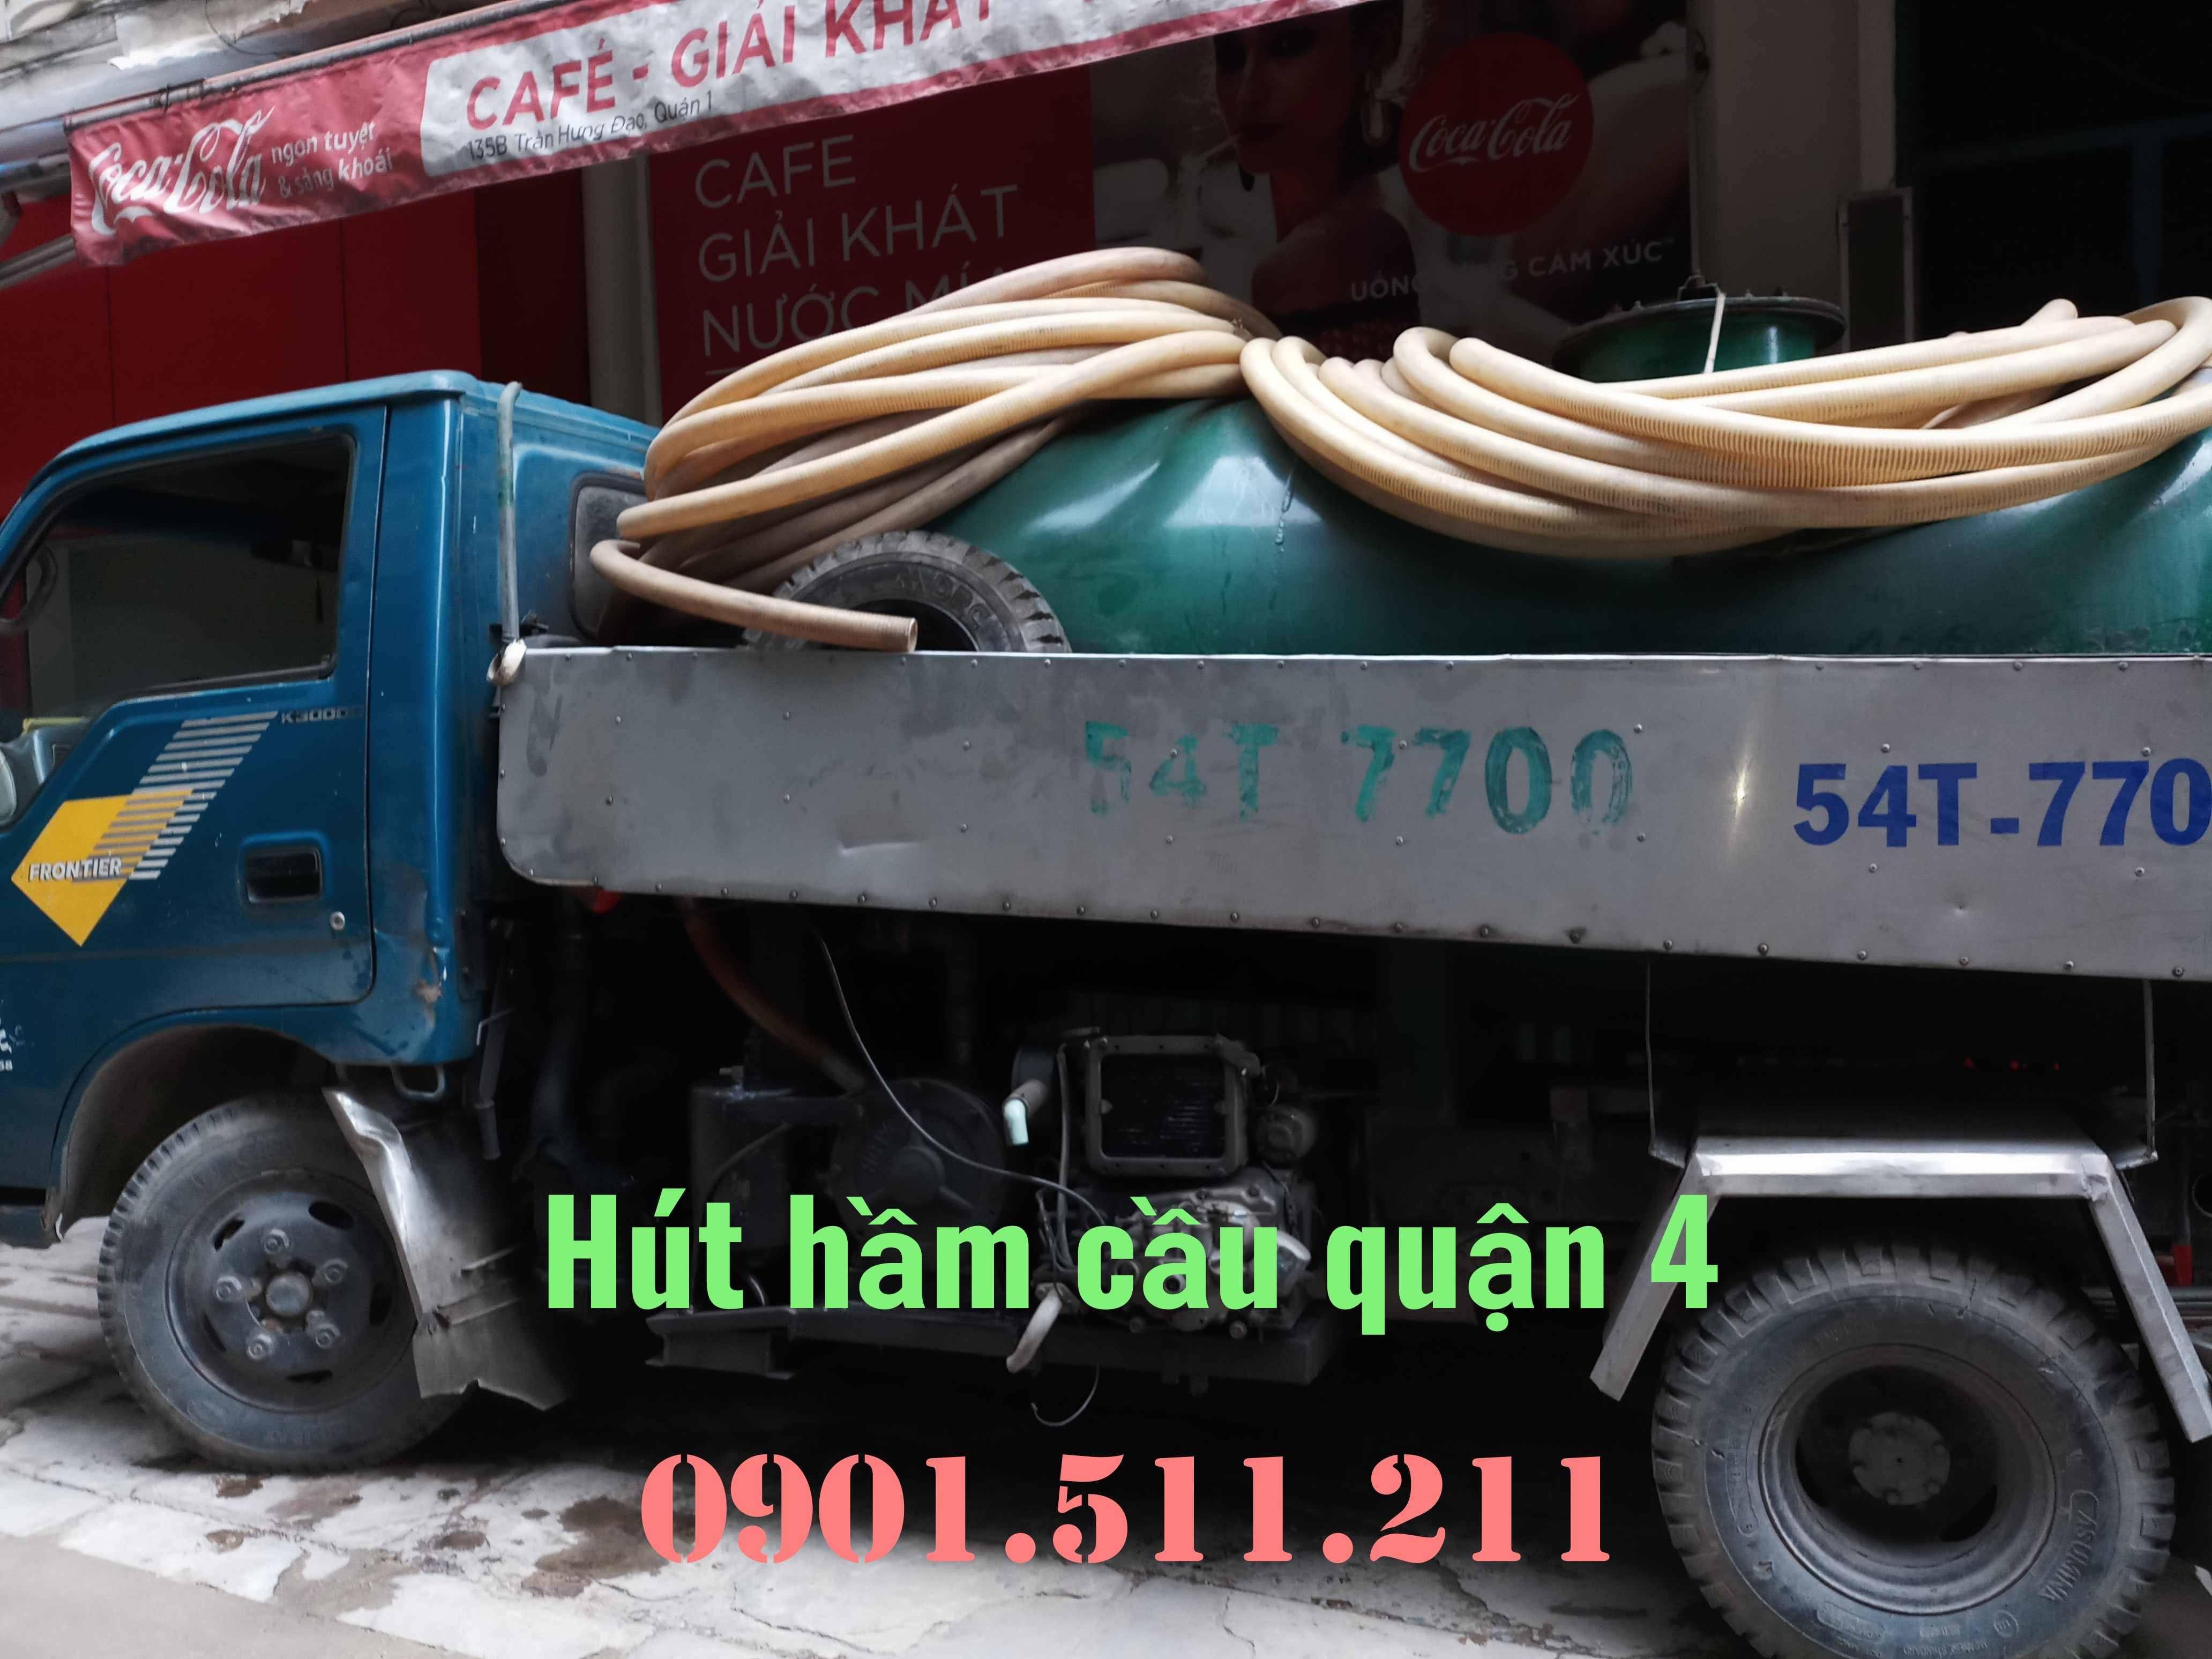 Hút hầm cầu quận 4 giá rẻ uy tín HOÀNG LONG 0901511211